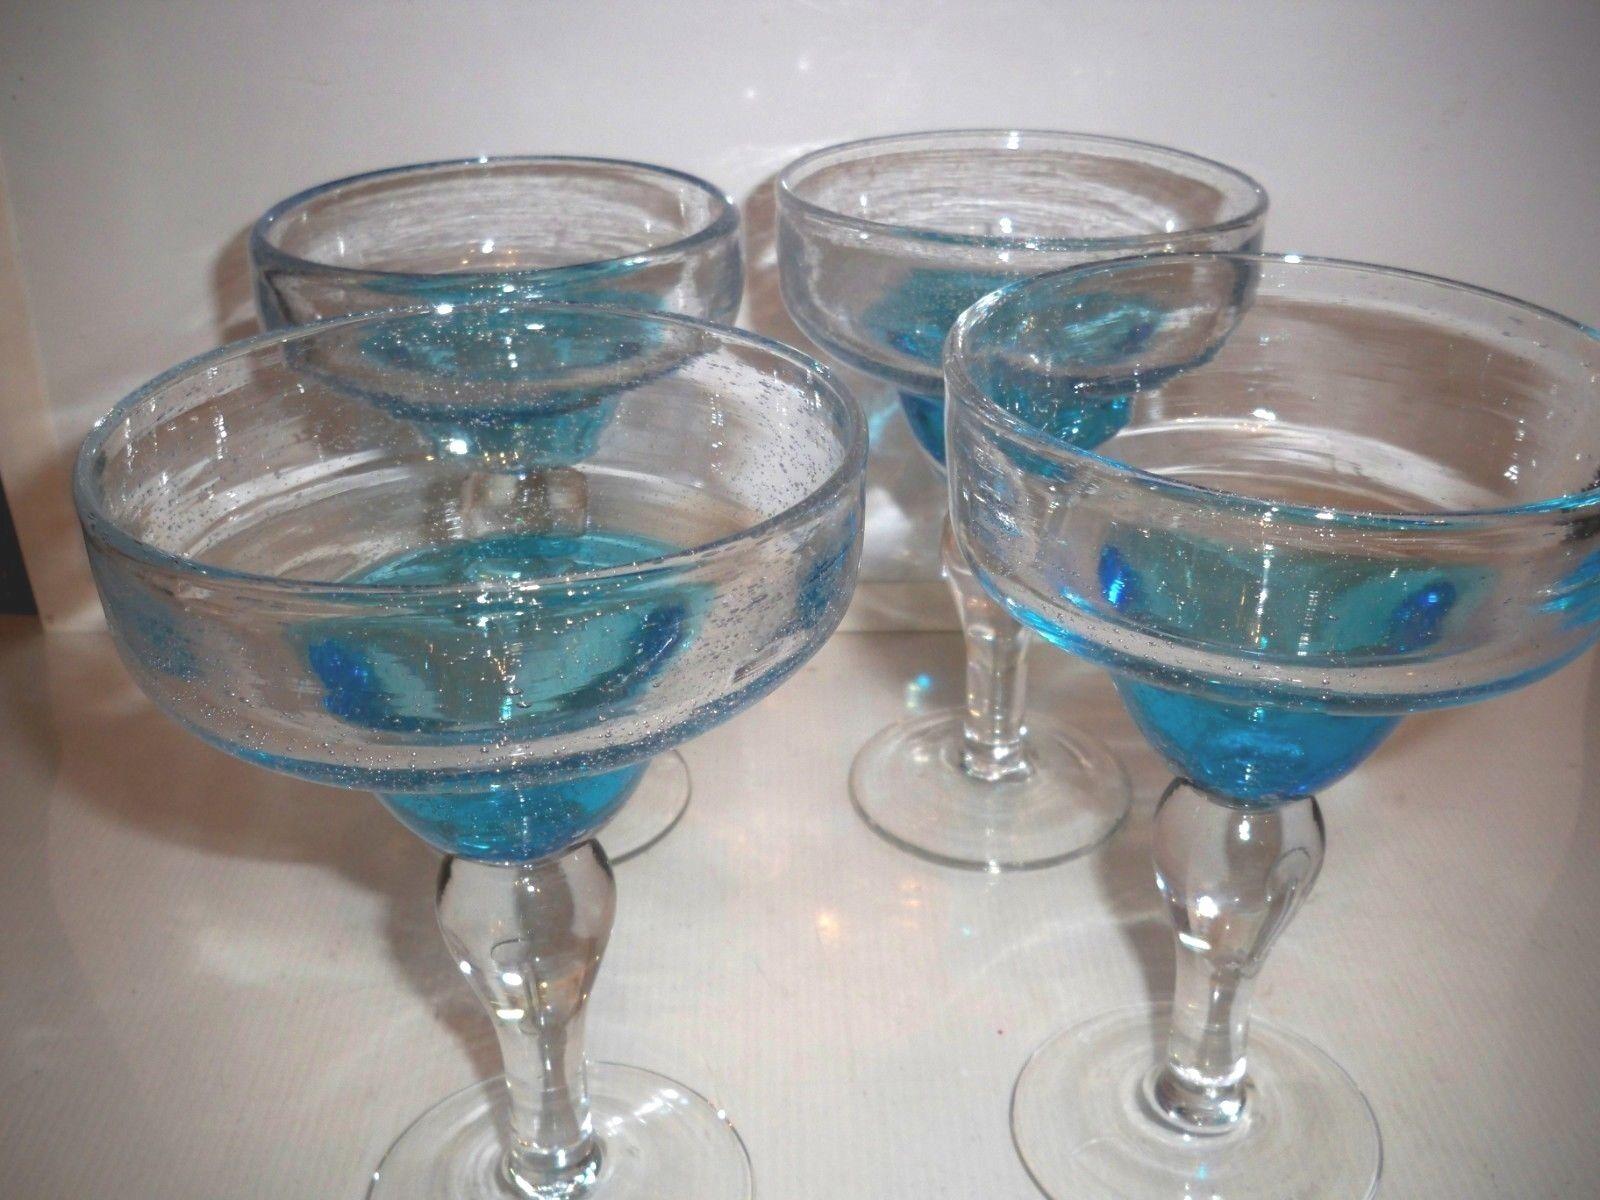 4 soplado a mano Margarita Copas de cóctel azul claro cuencos y claro tallos